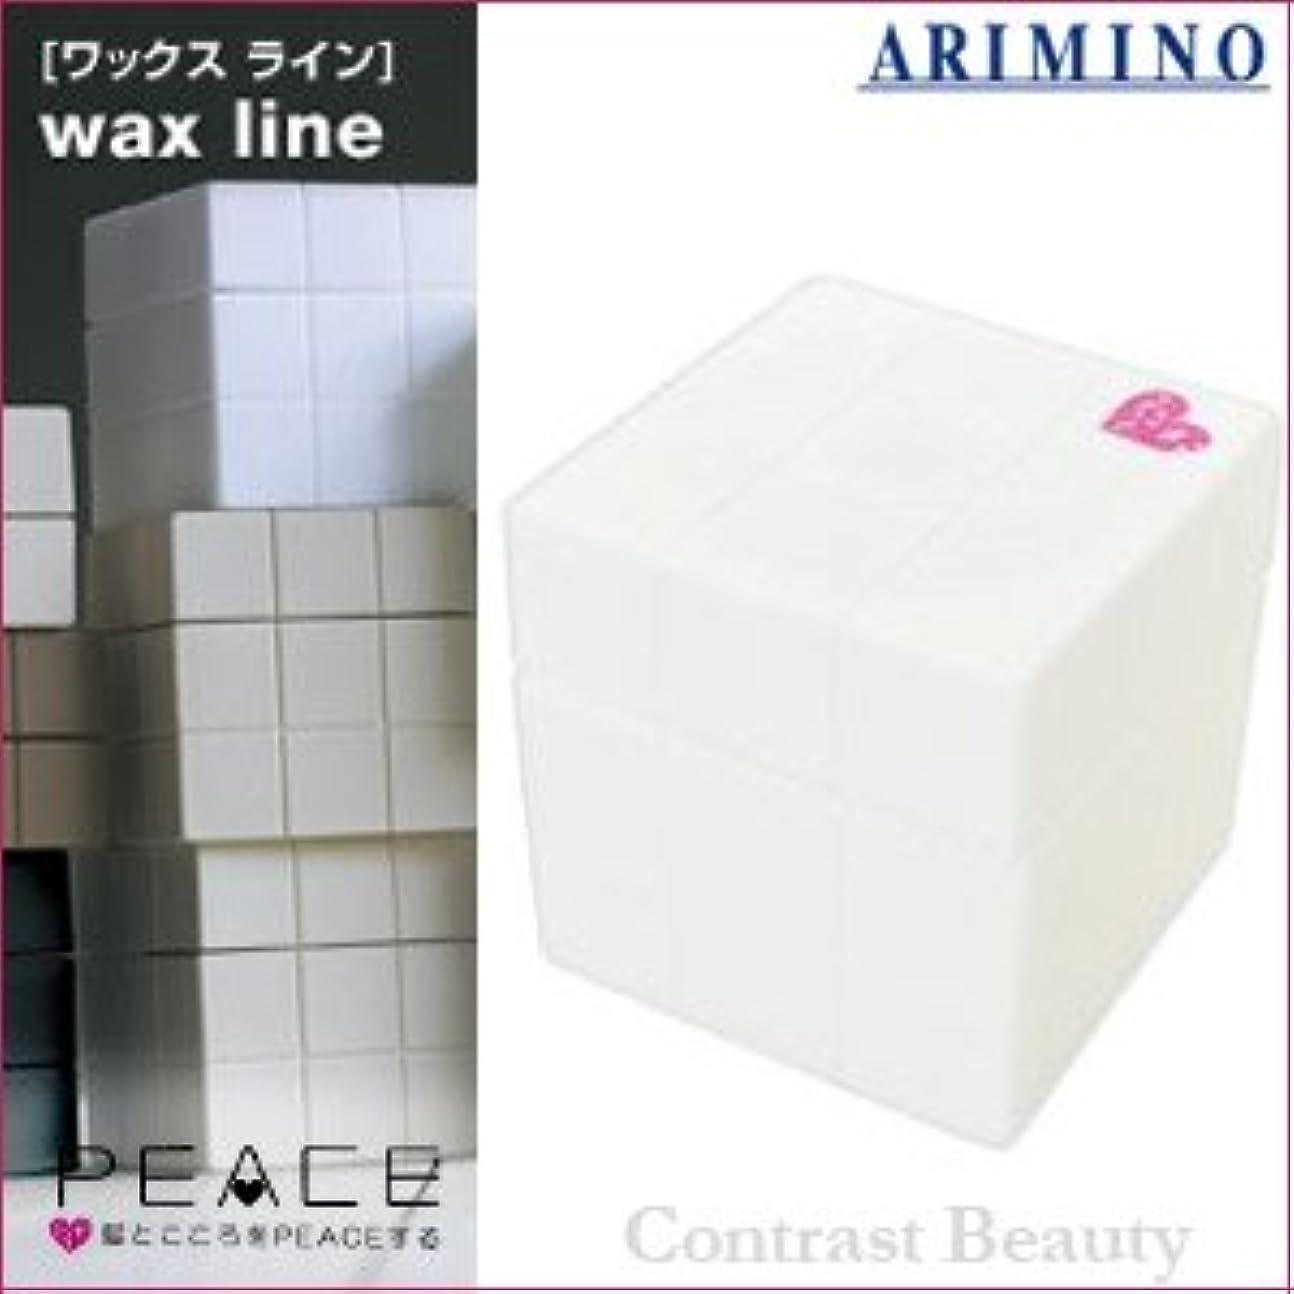 ちなみに泣く熟読【X5個セット】 アリミノ ピース プロデザインシリーズ グロスワックス ホワイト 80g ARIMINO